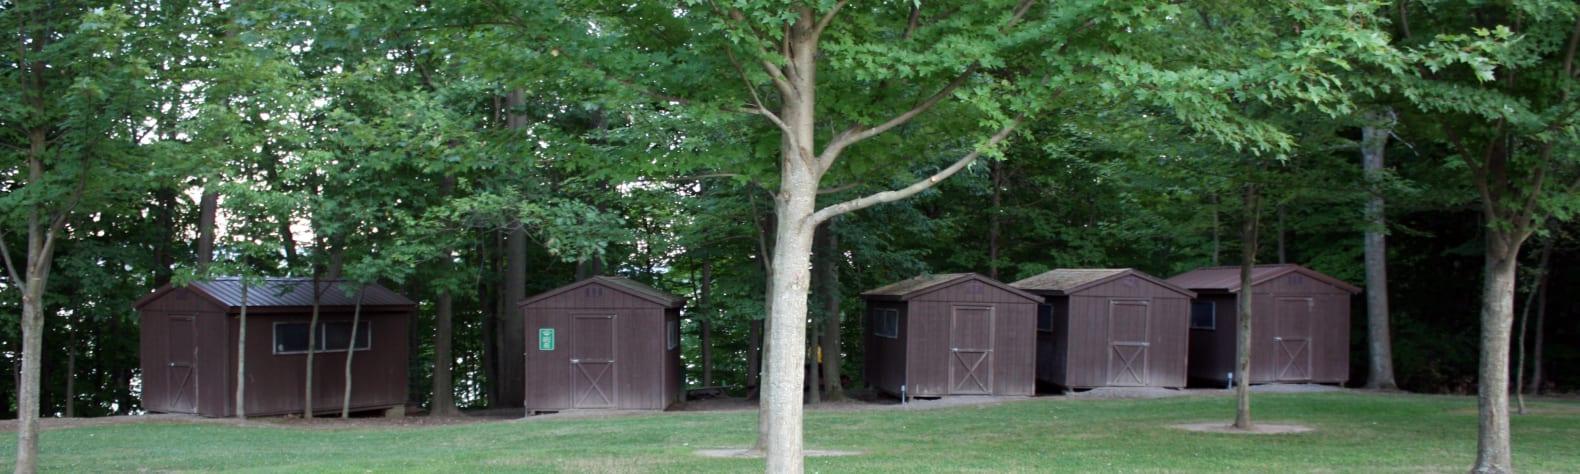 Camp Whitman on Seneca Lake